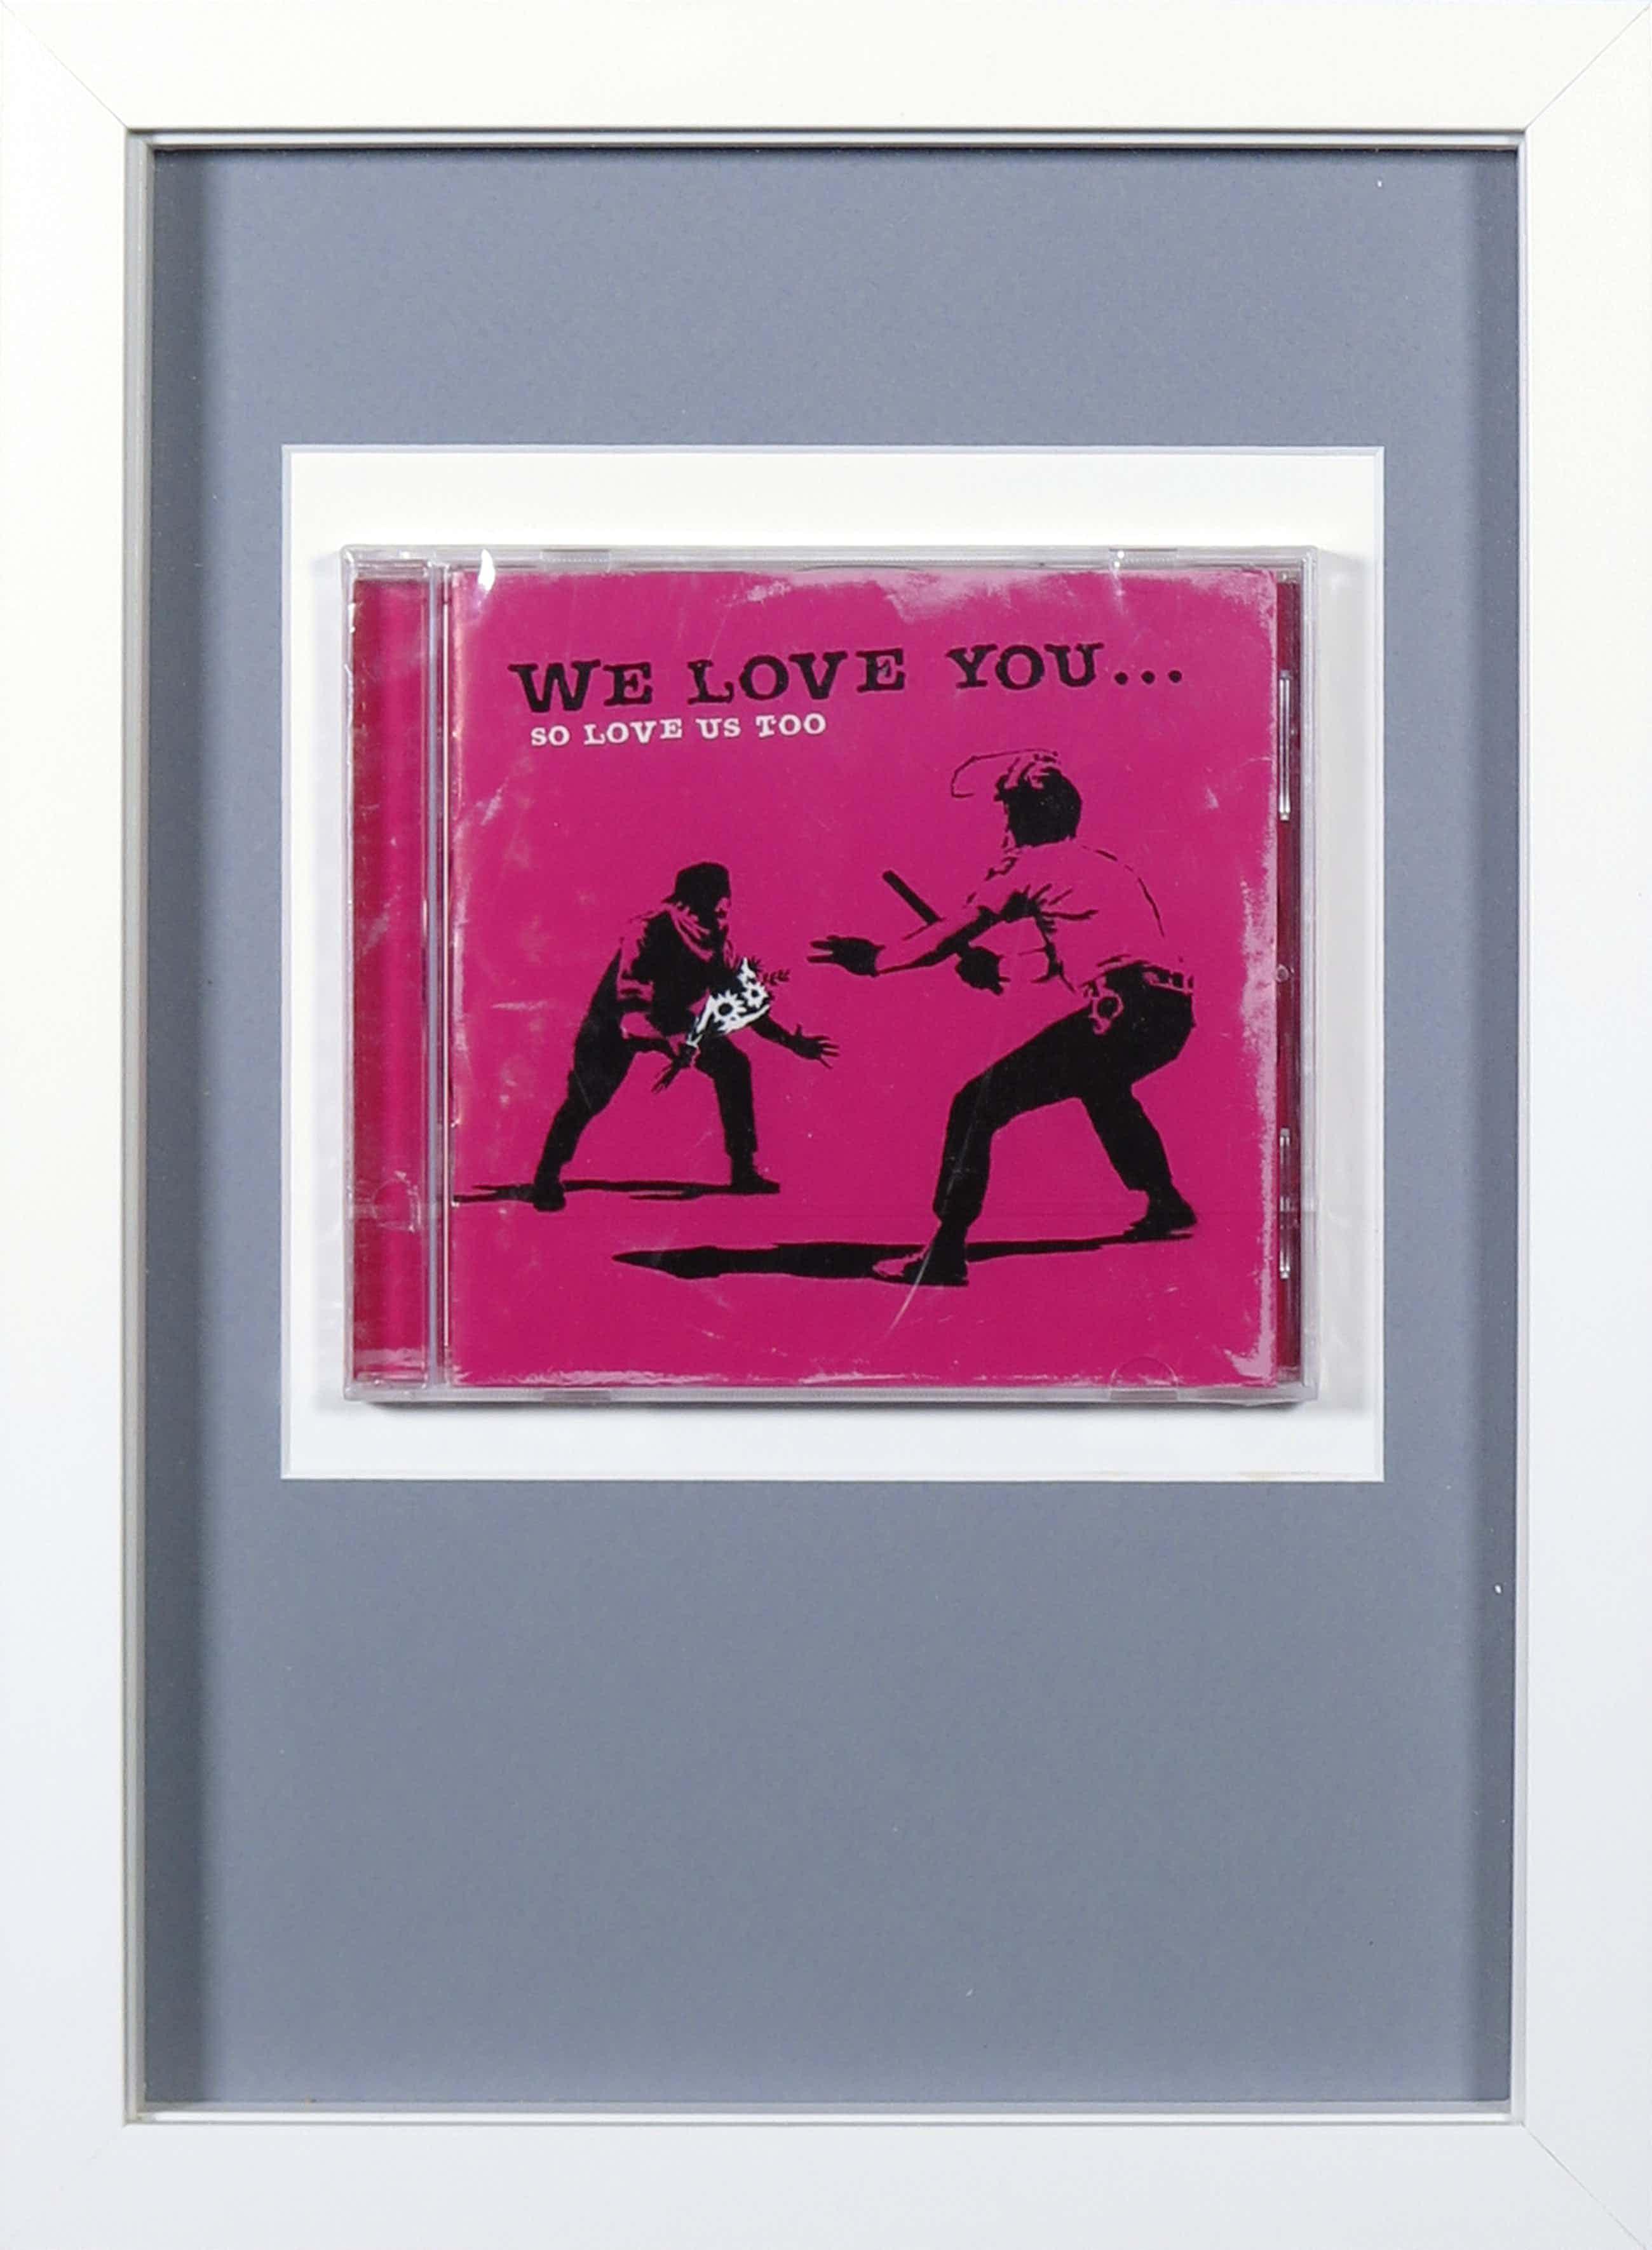 Banksy - We love you... so love us too (CD) - Ingelijst kopen? Bied vanaf 106!